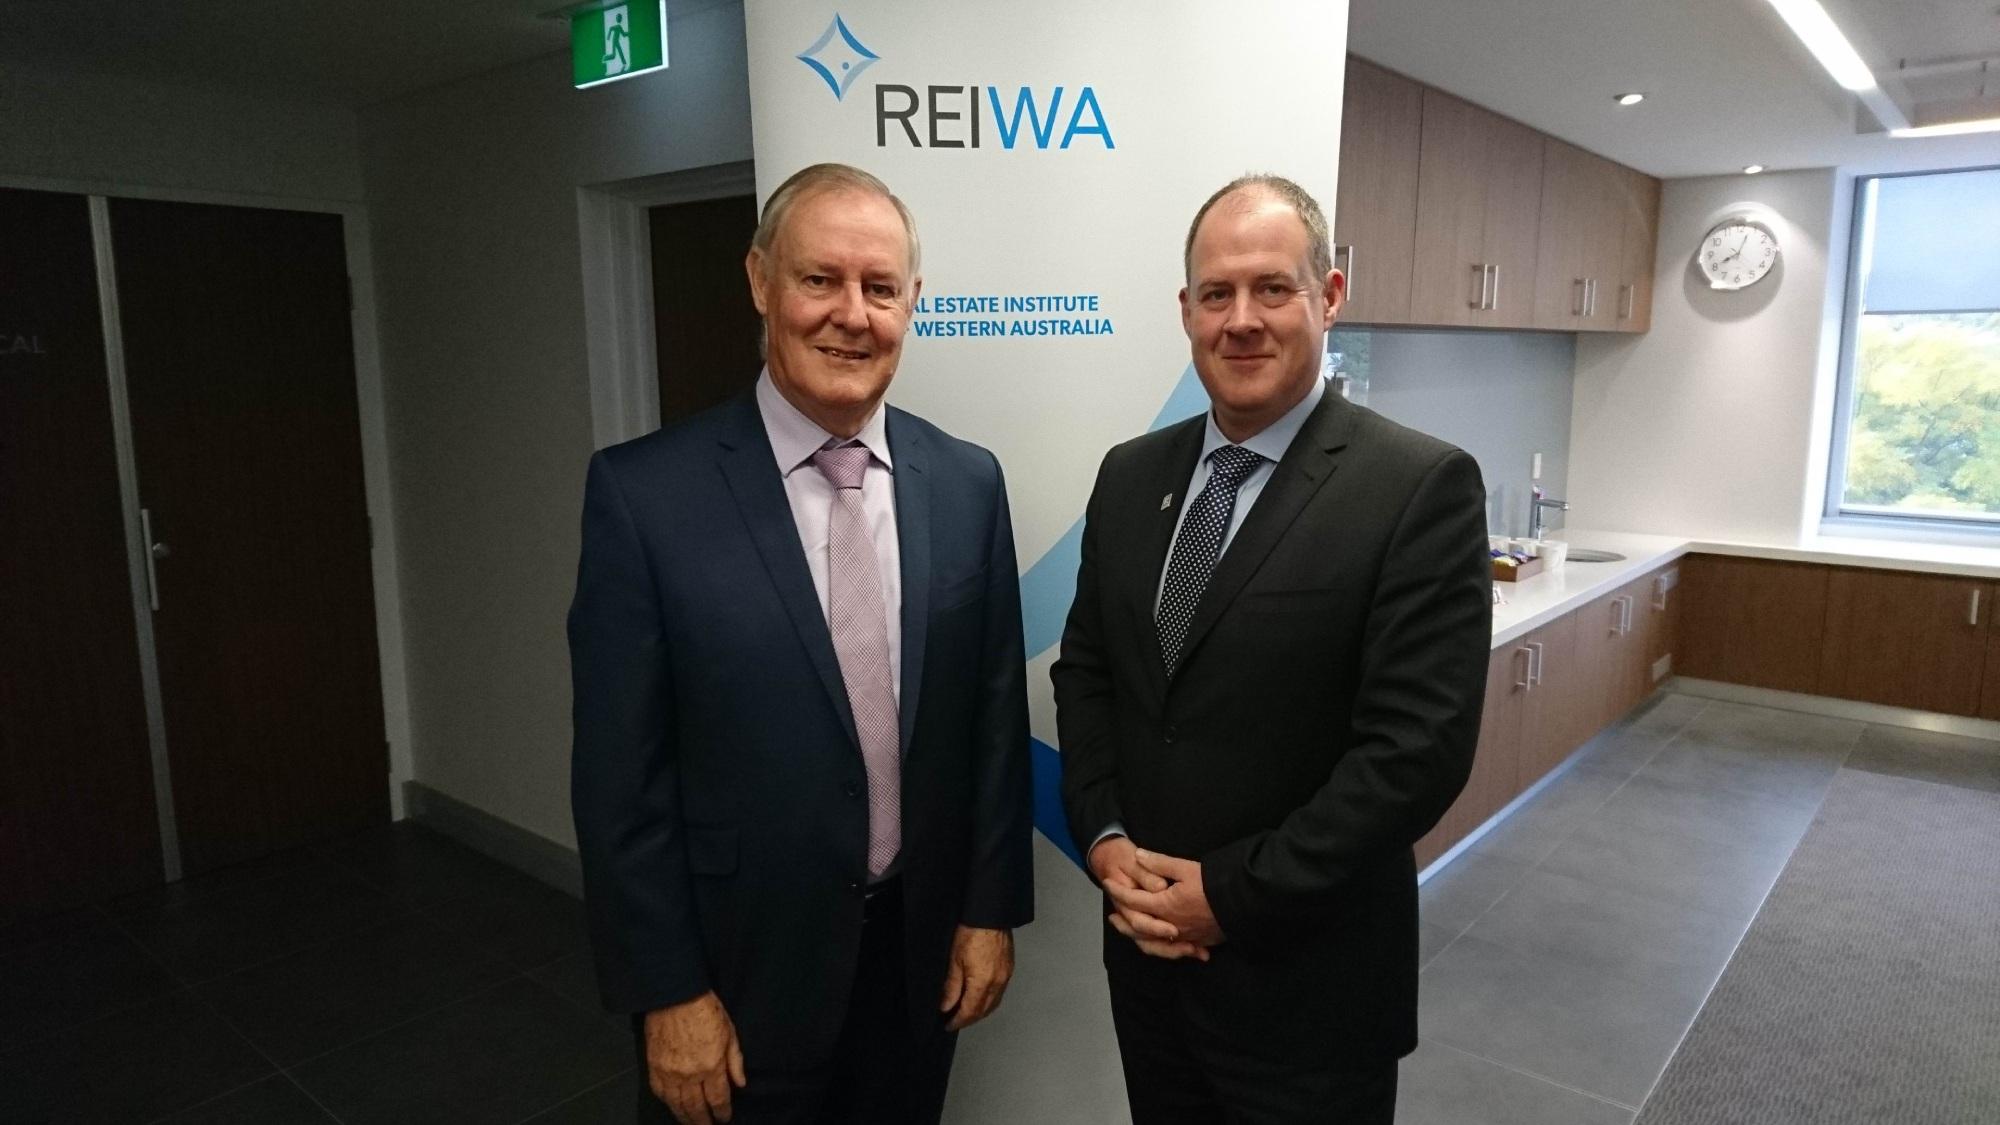 REIWA CEO Neville Pozzi (left) and President Hayden Groves.